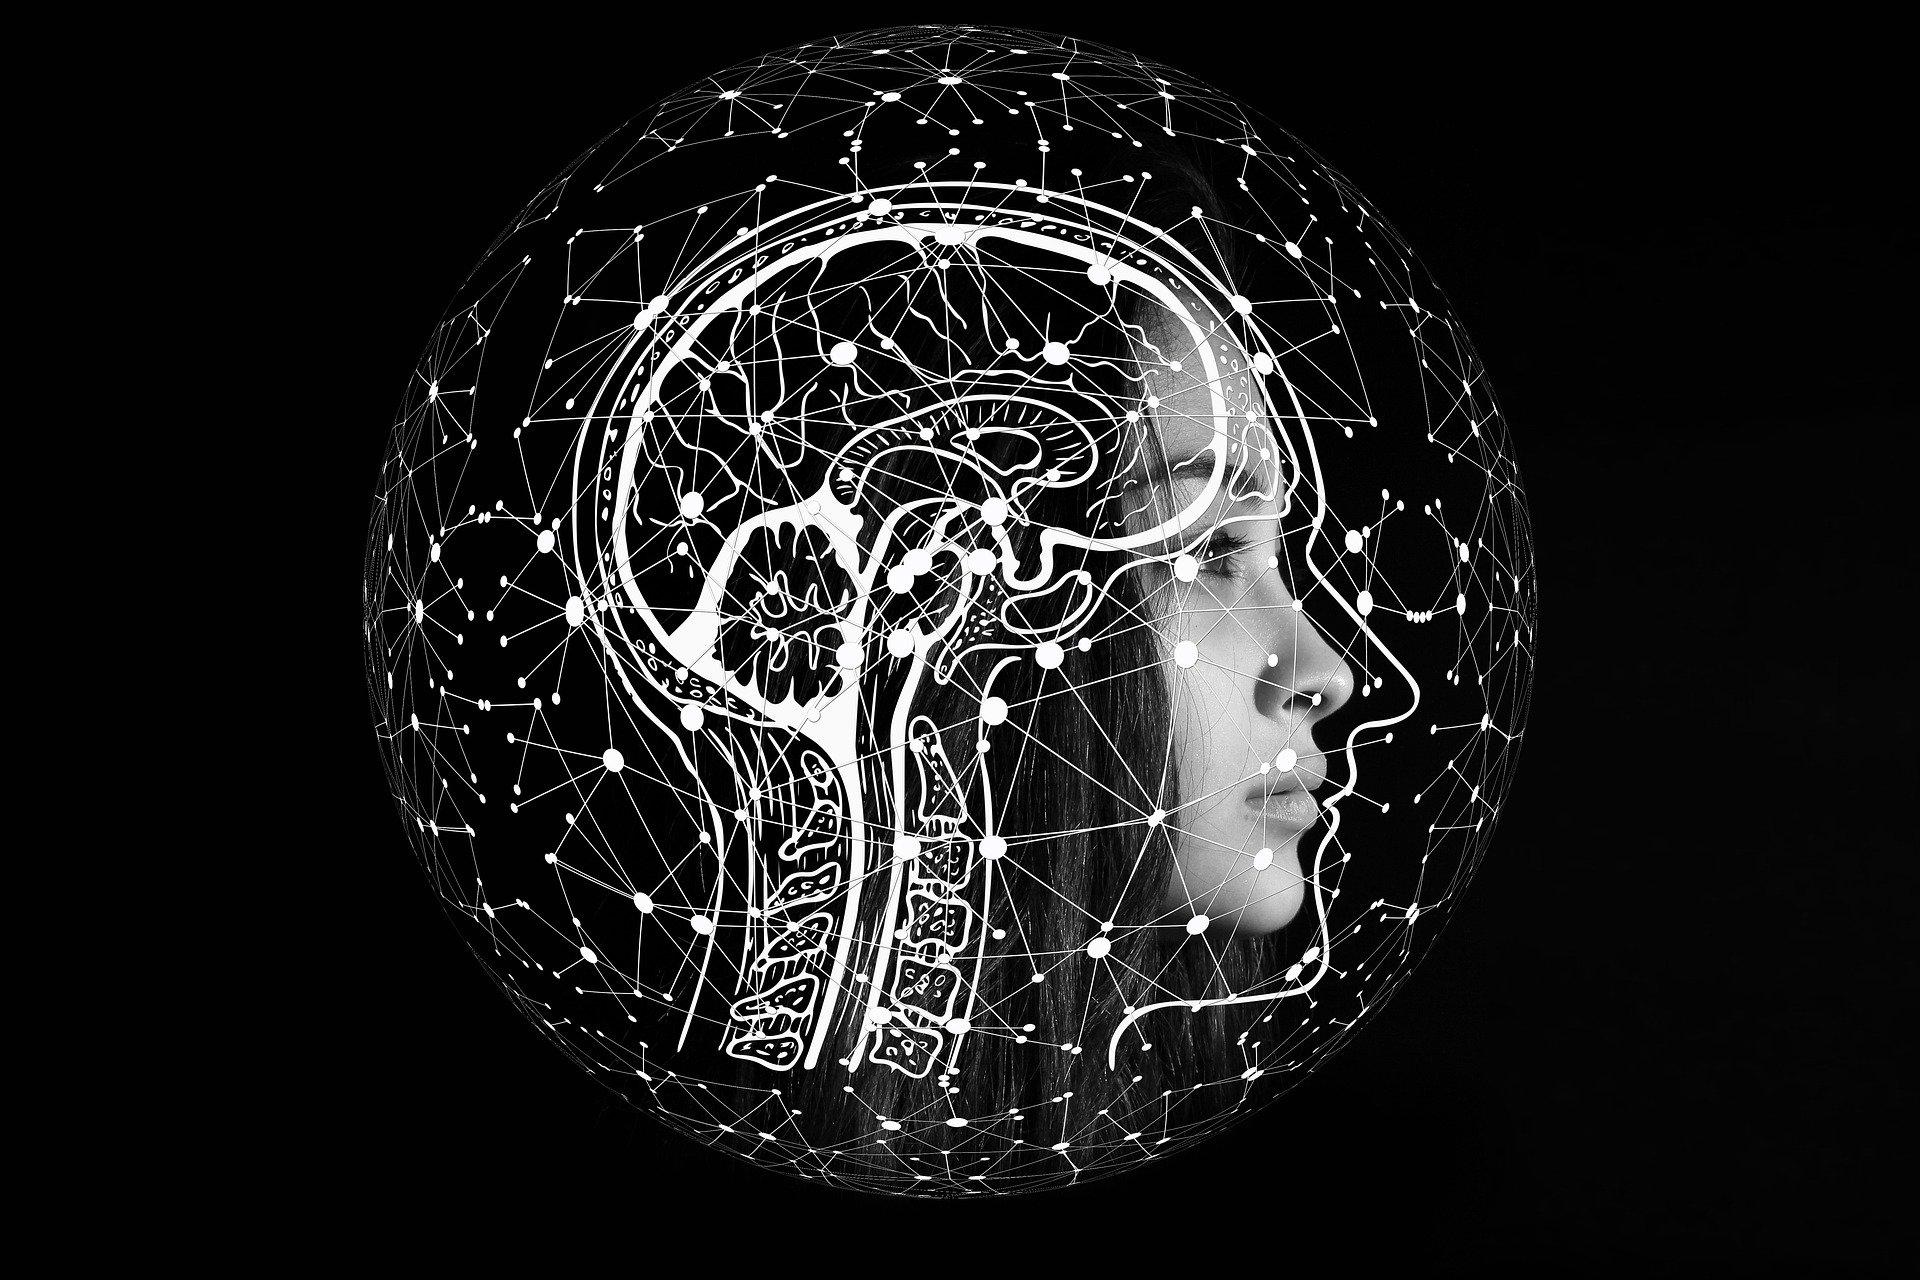 Дослідження: лише 18% дата-науковців вчаться етиці ШІ